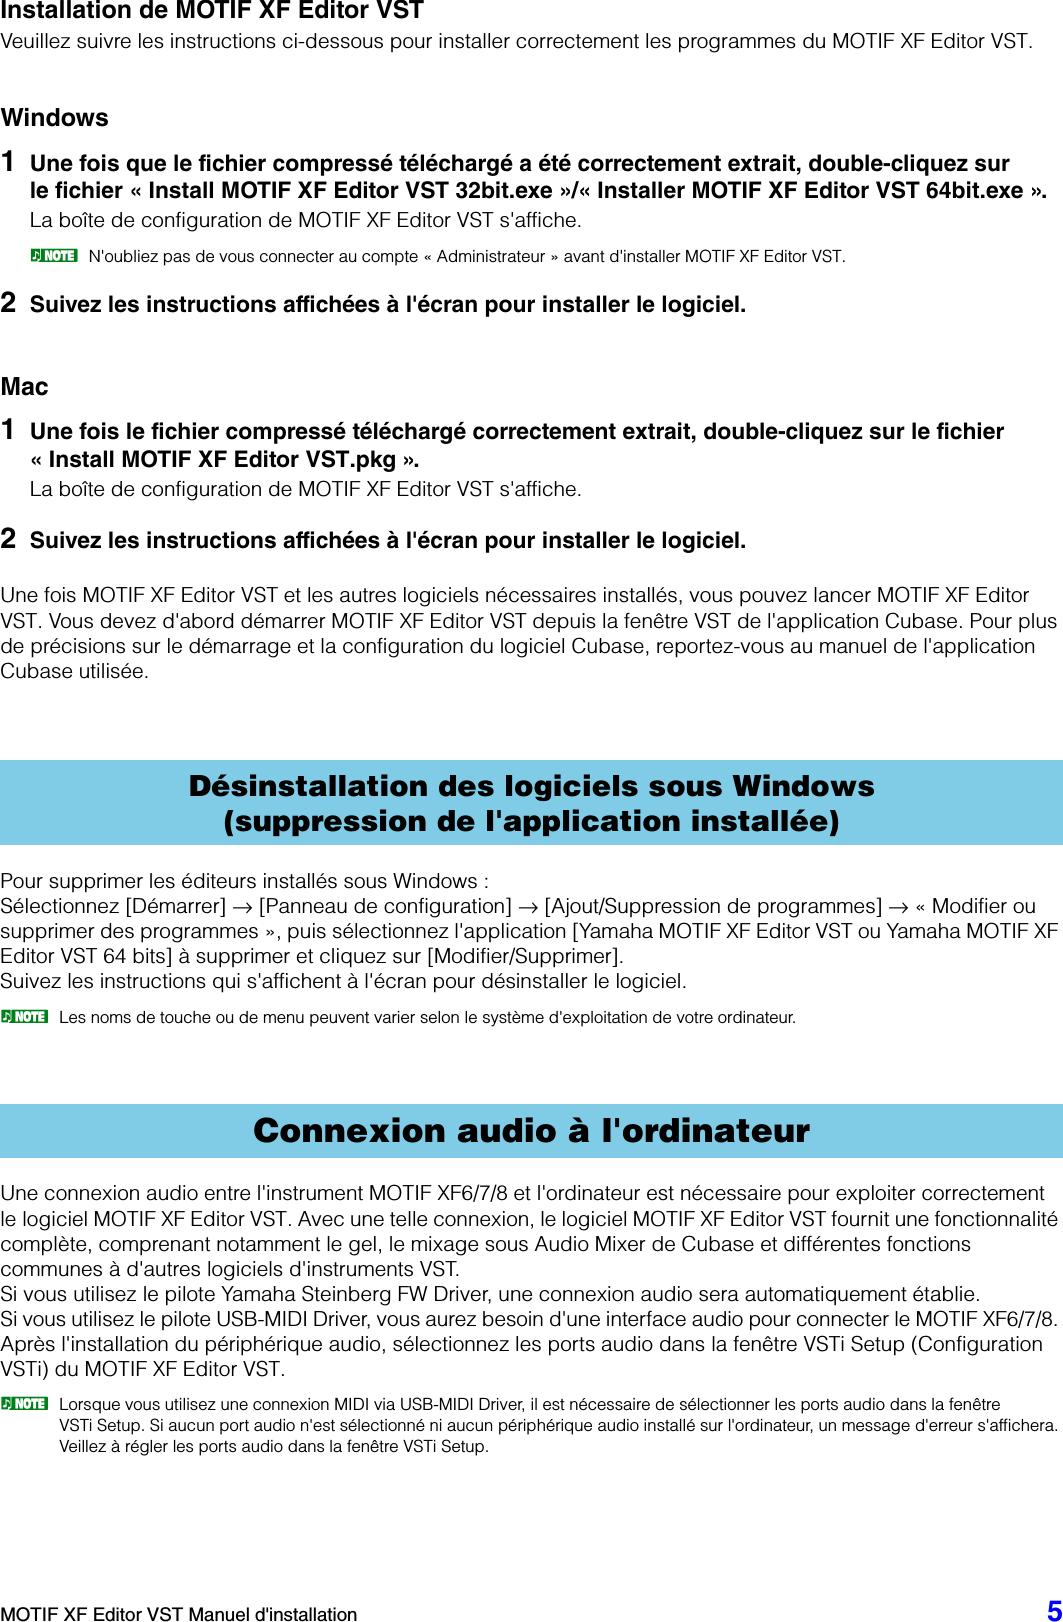 Yamaha MOTIF XF Editor VST Installation Guide (V1 4 0, V1 5 0